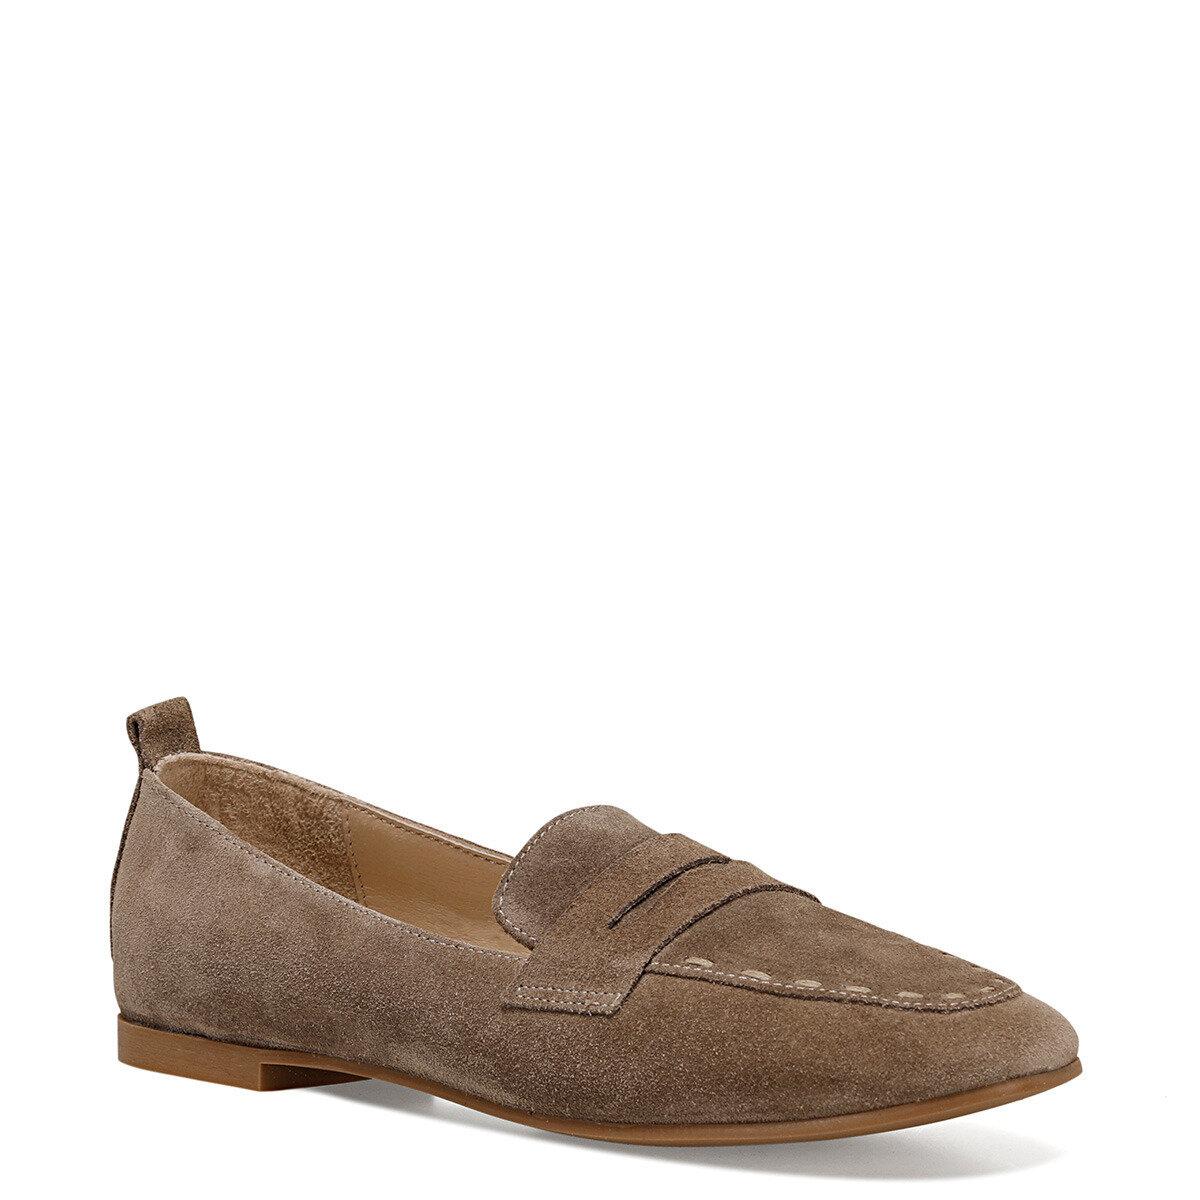 BAILEEN2 Vizon Kadın Loafer Ayakkabı